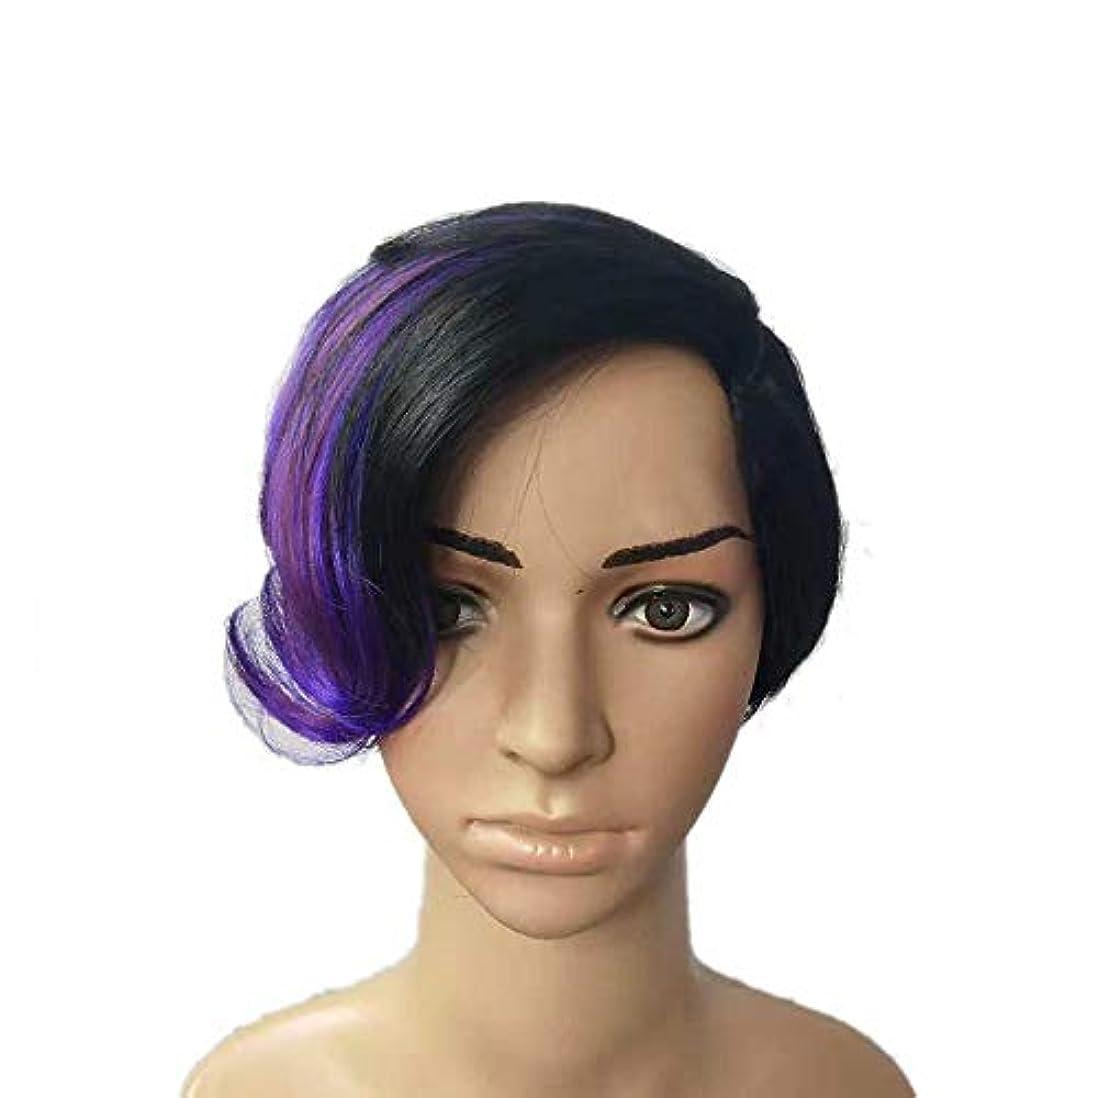 女性グラフィックメッシュWASAIO レディースブラックハイライトパープルショートヘアウィッグアクセサリースタイル交換用コスプレパーティードレス (色 : Photo Color)